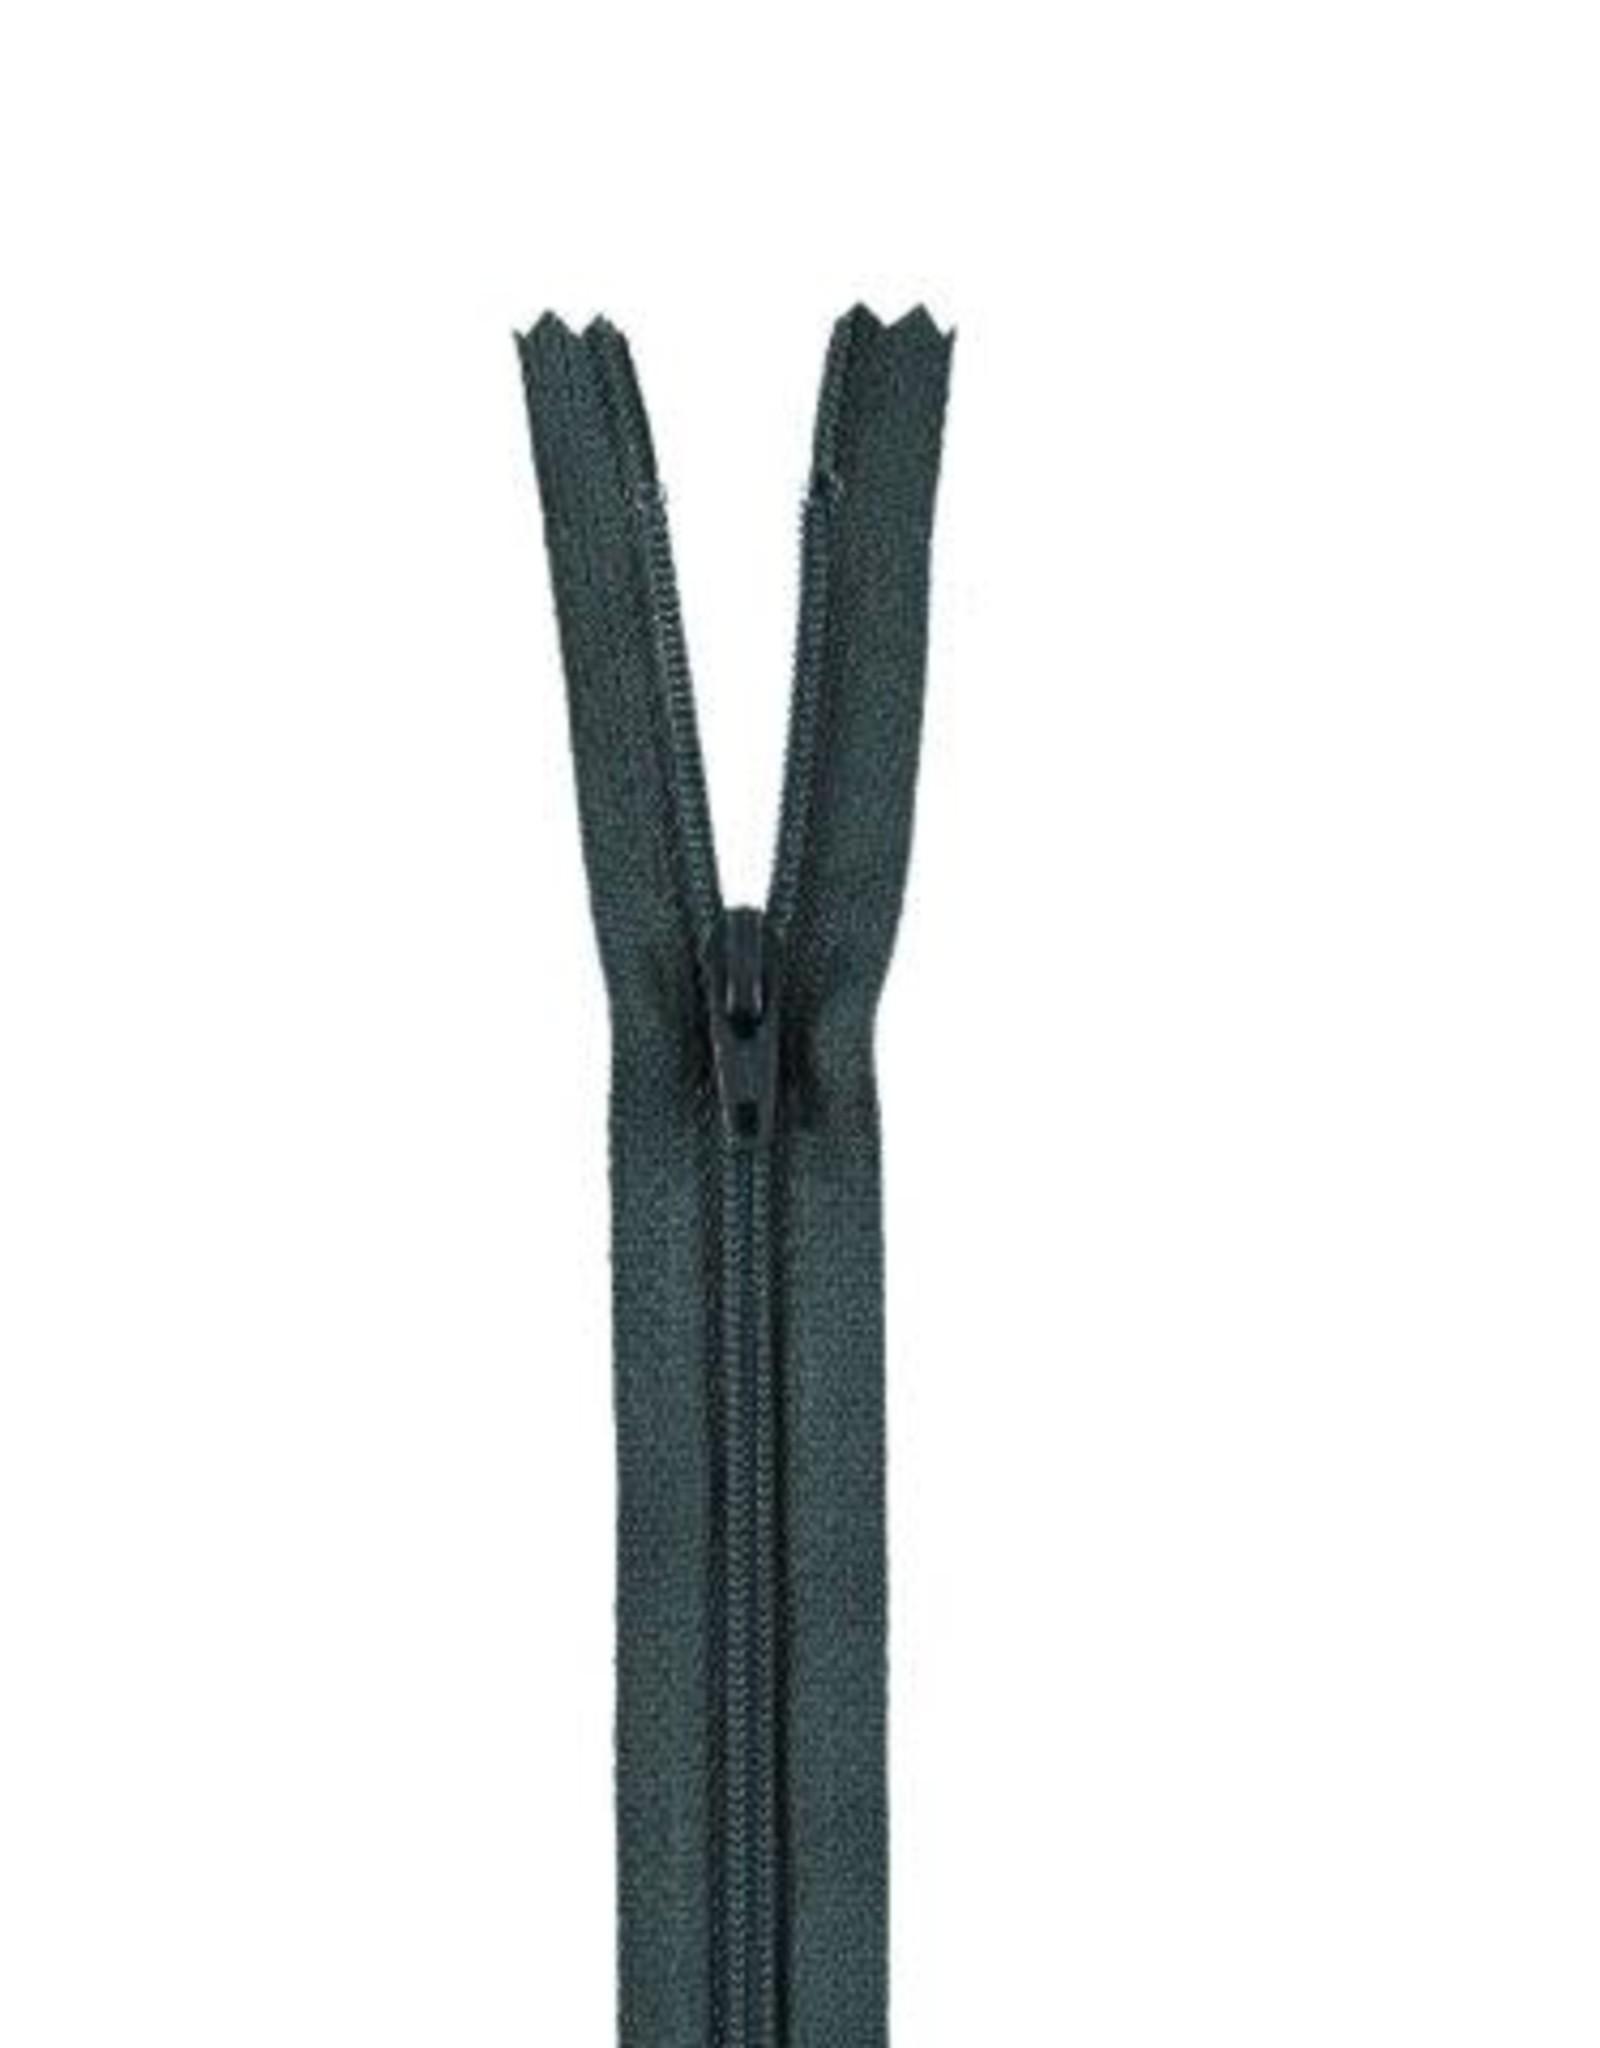 YKK Spiraalrits niet-DB 3mm grijsblauw 579-20cm